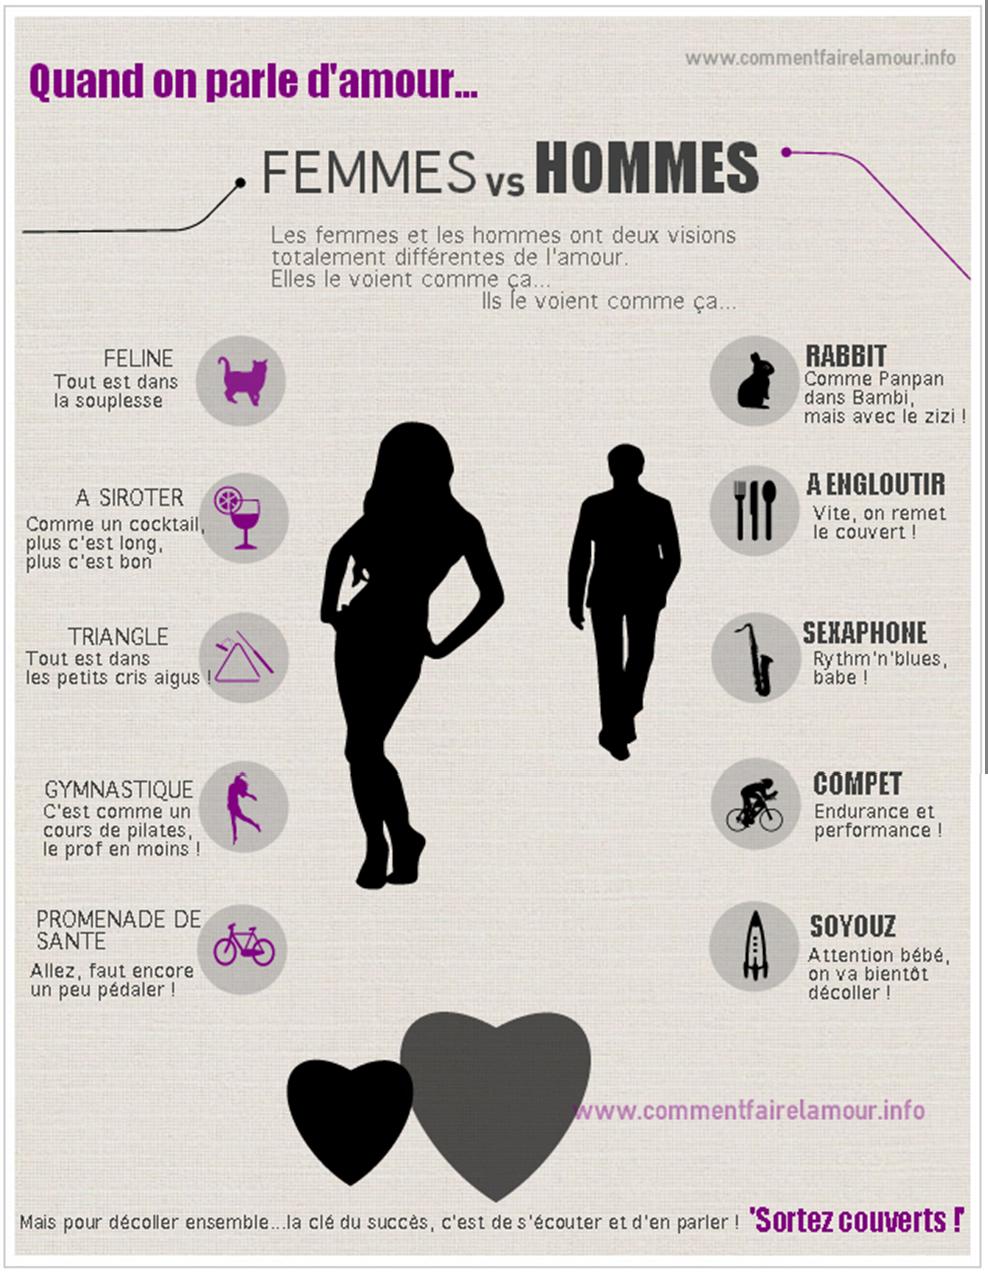 infographie comment faire amour